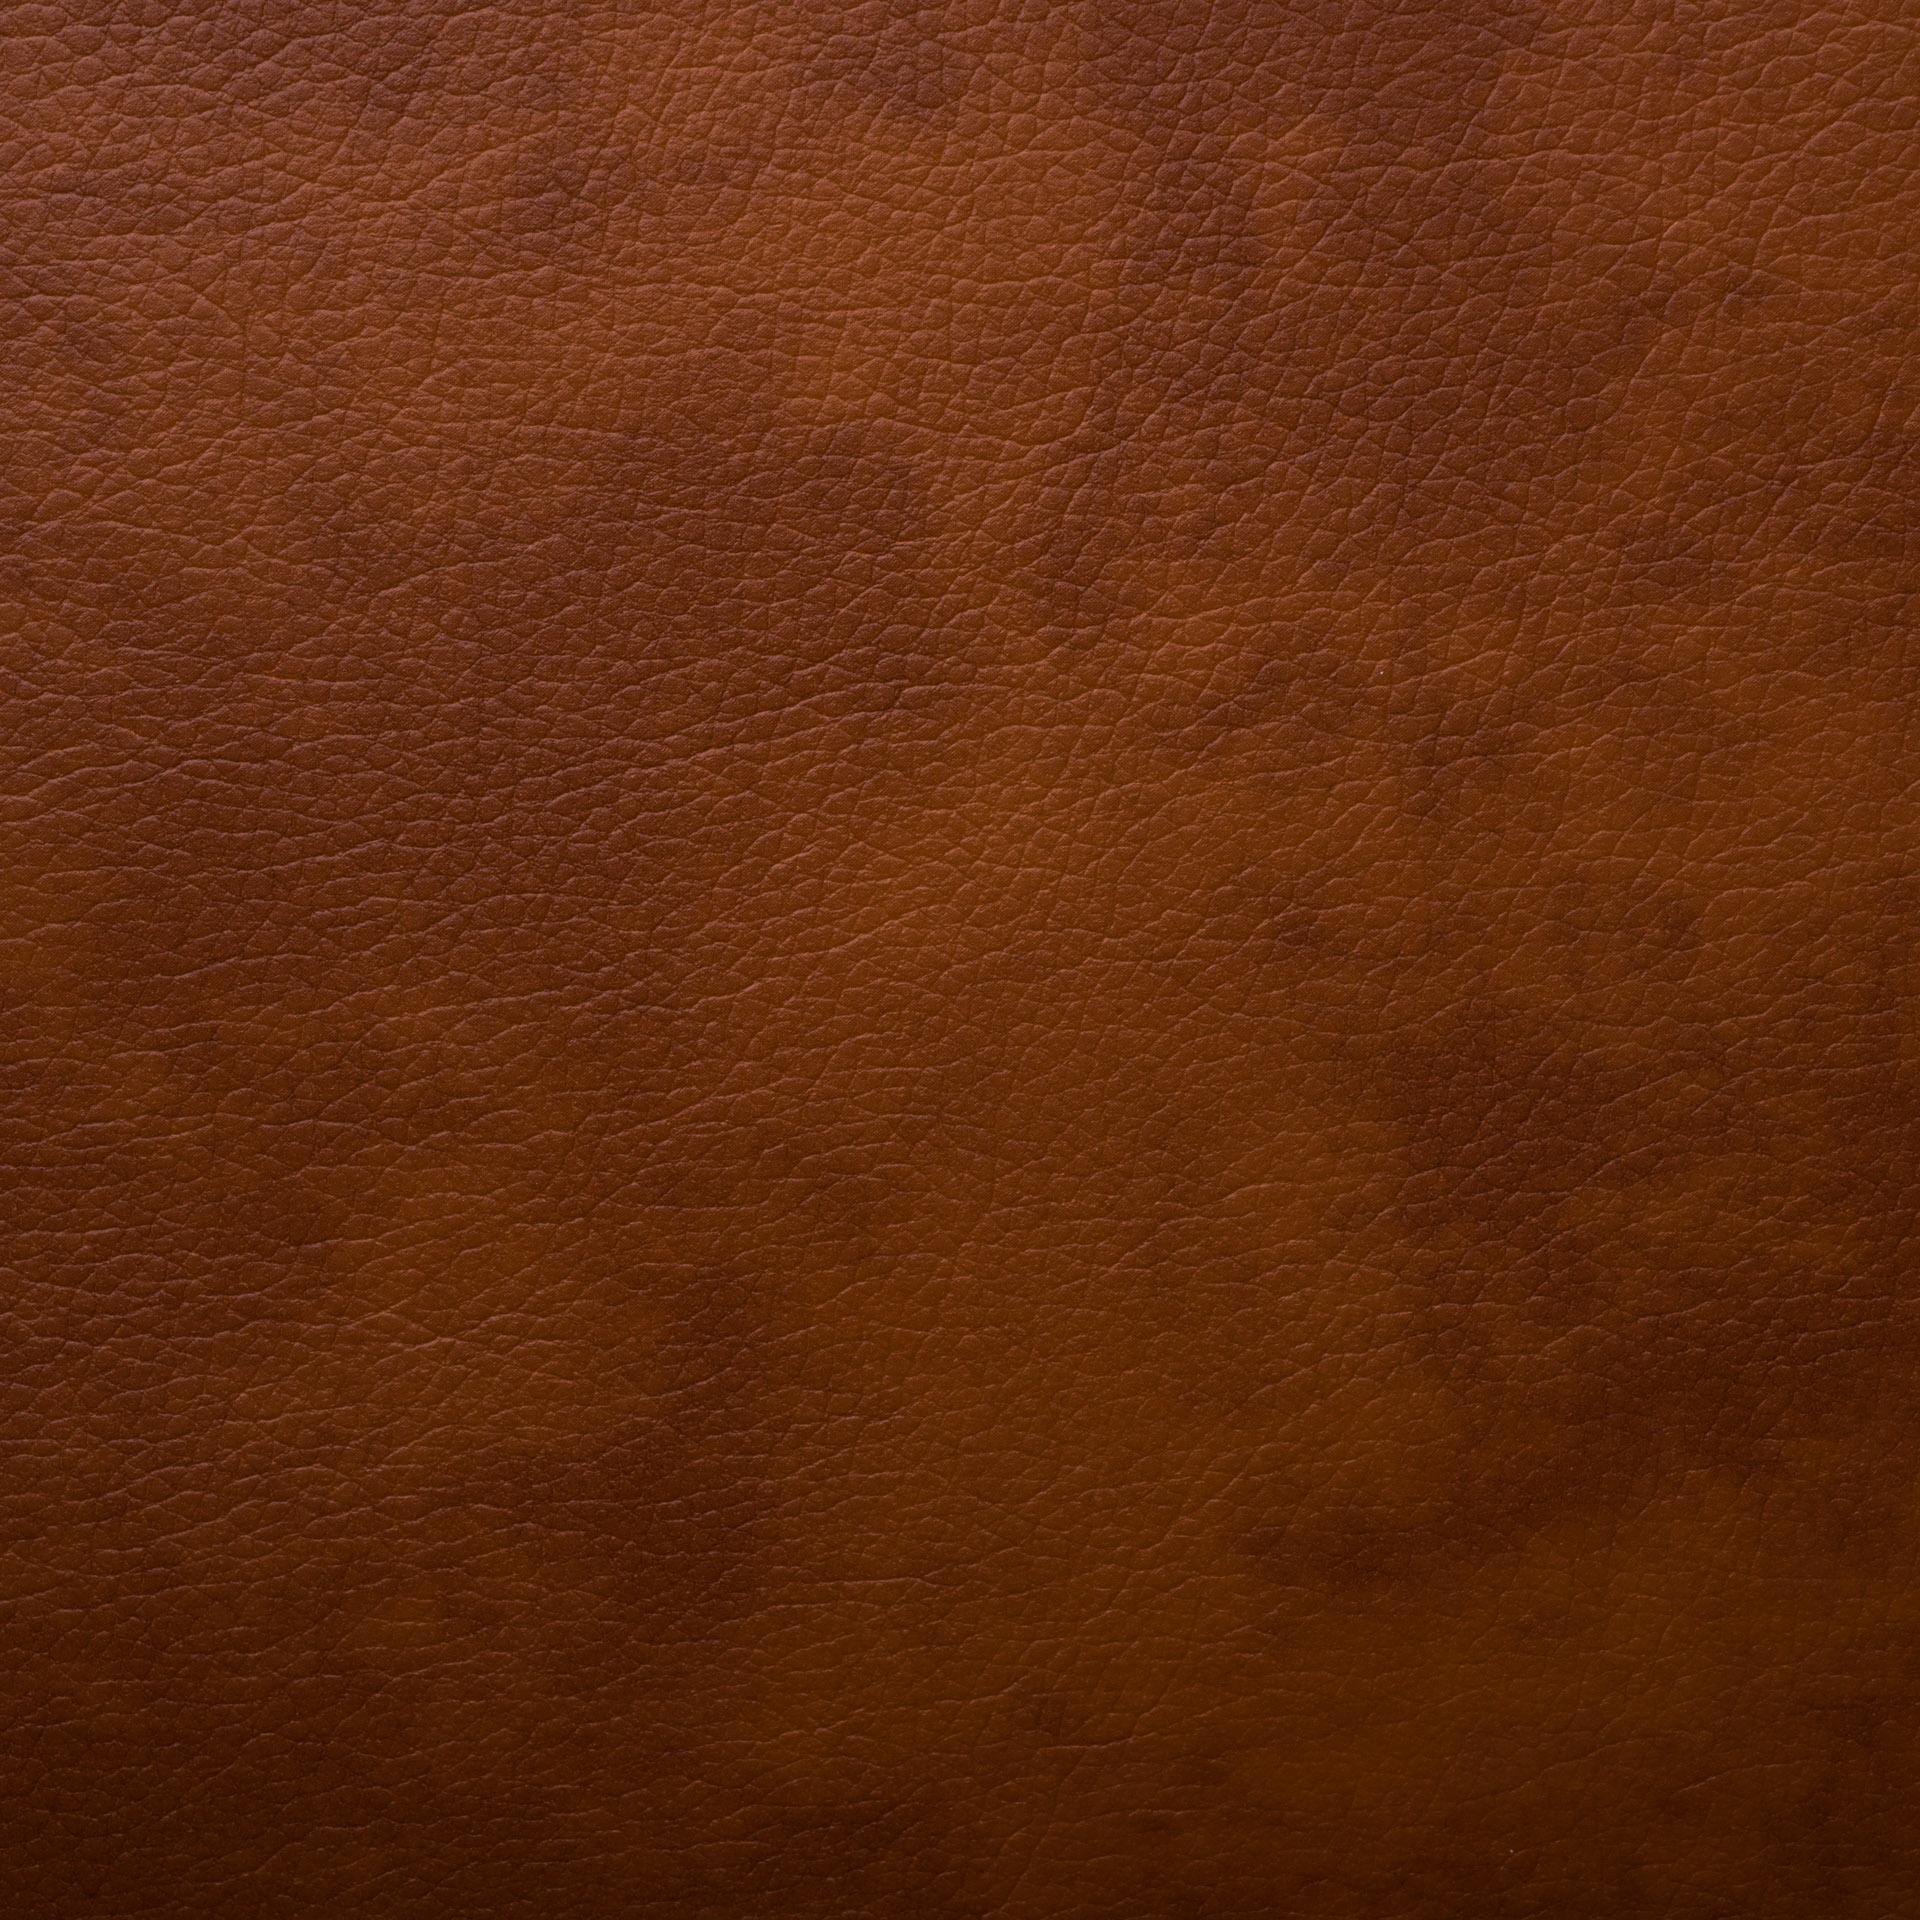 Коллекция ткани Мадрас COGNAC,  купить ткань Кож зам для мебели Украина